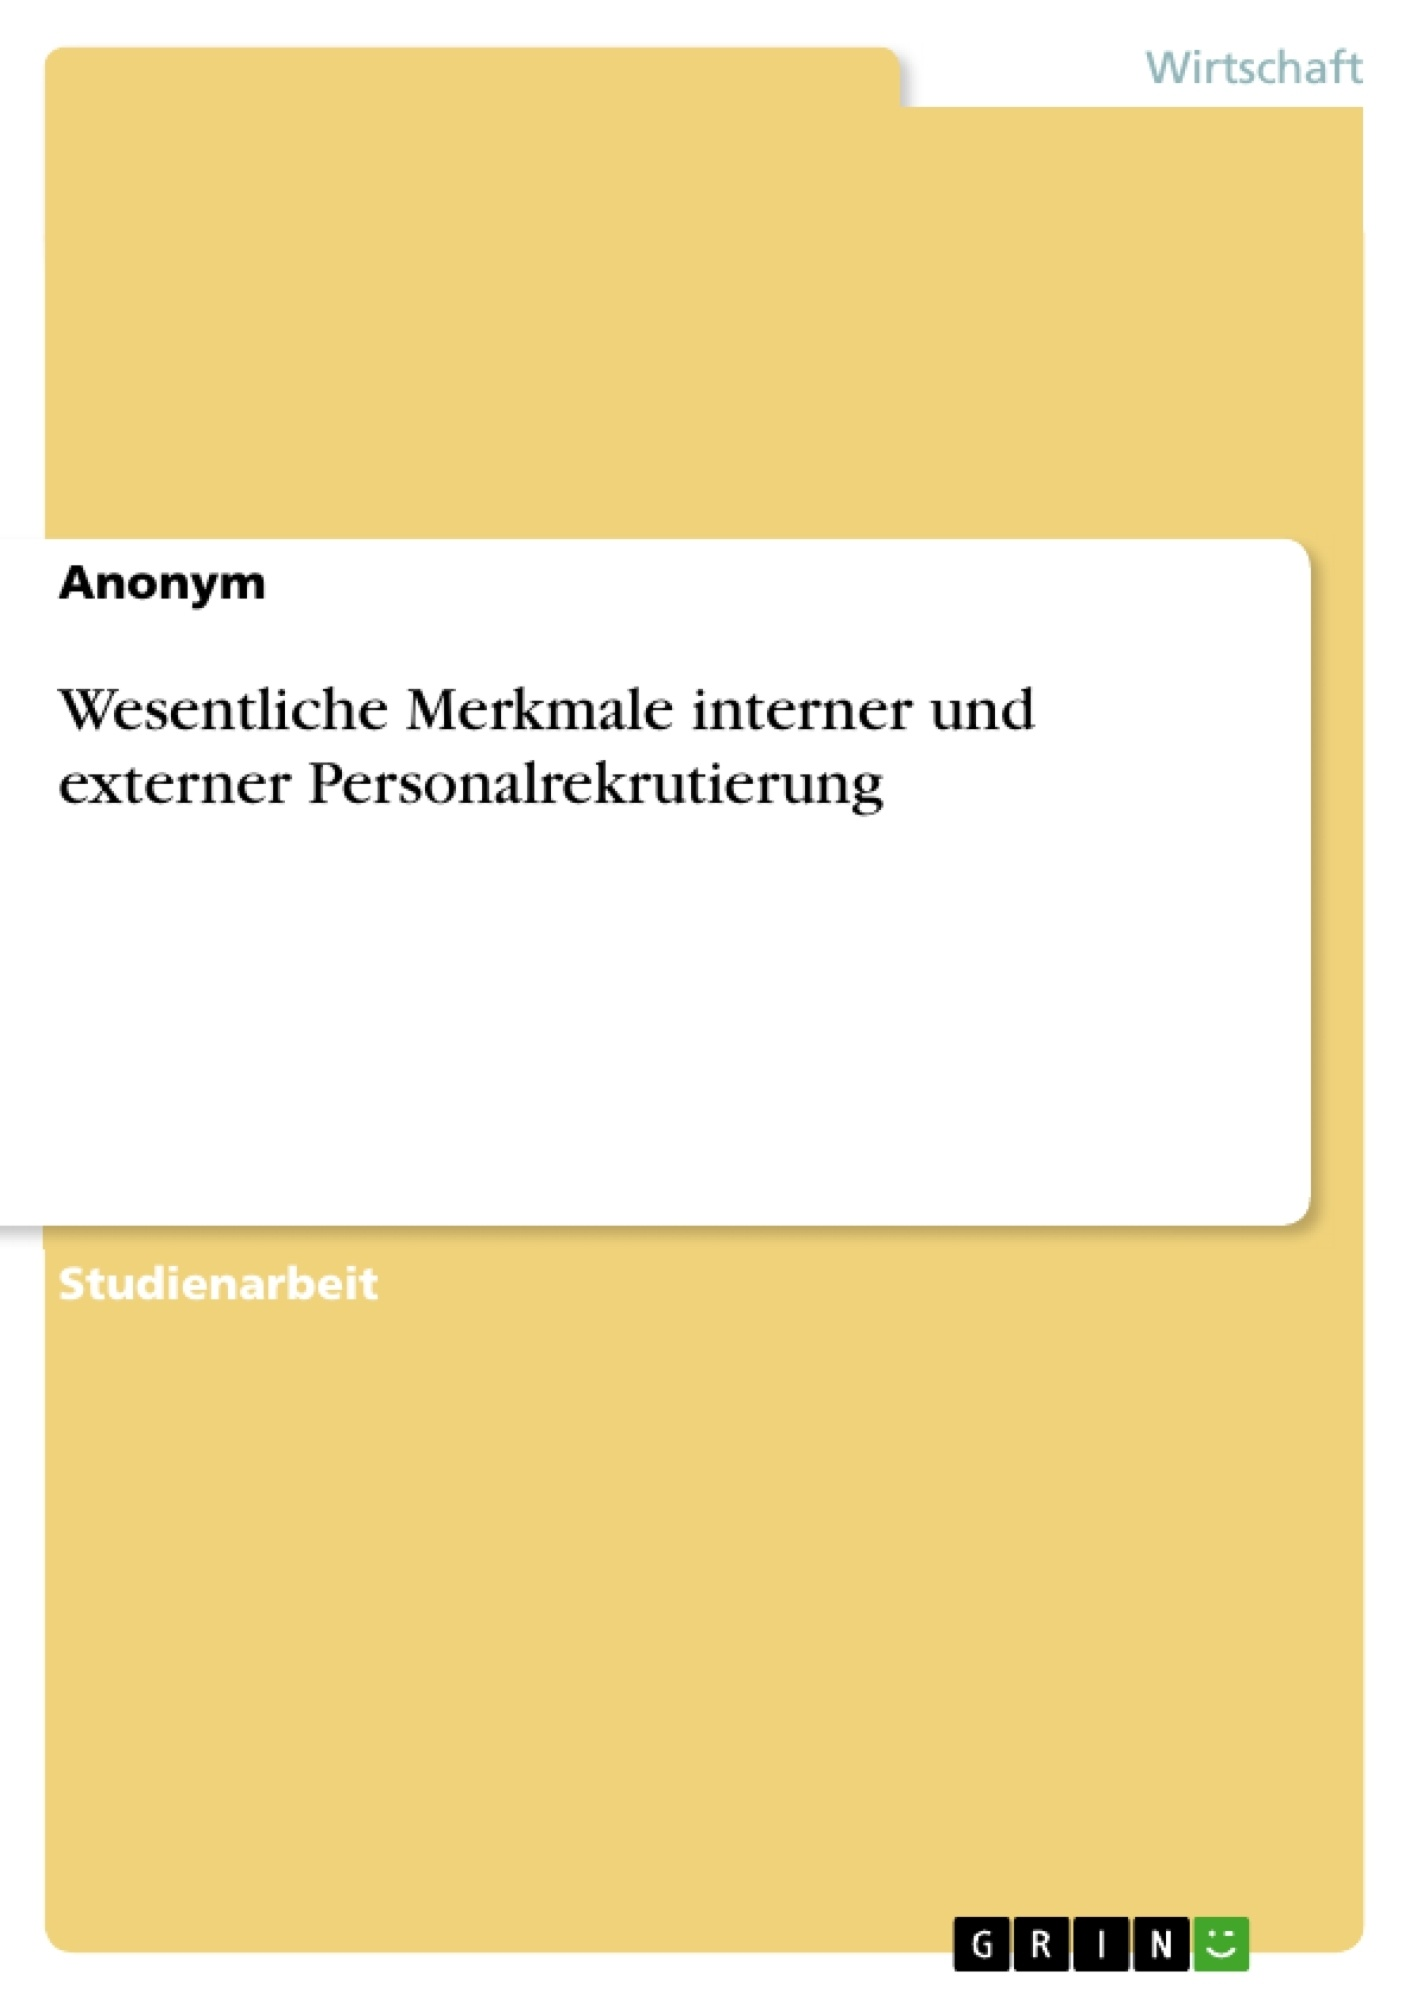 Titel: Wesentliche Merkmale interner und externer Personalrekrutierung